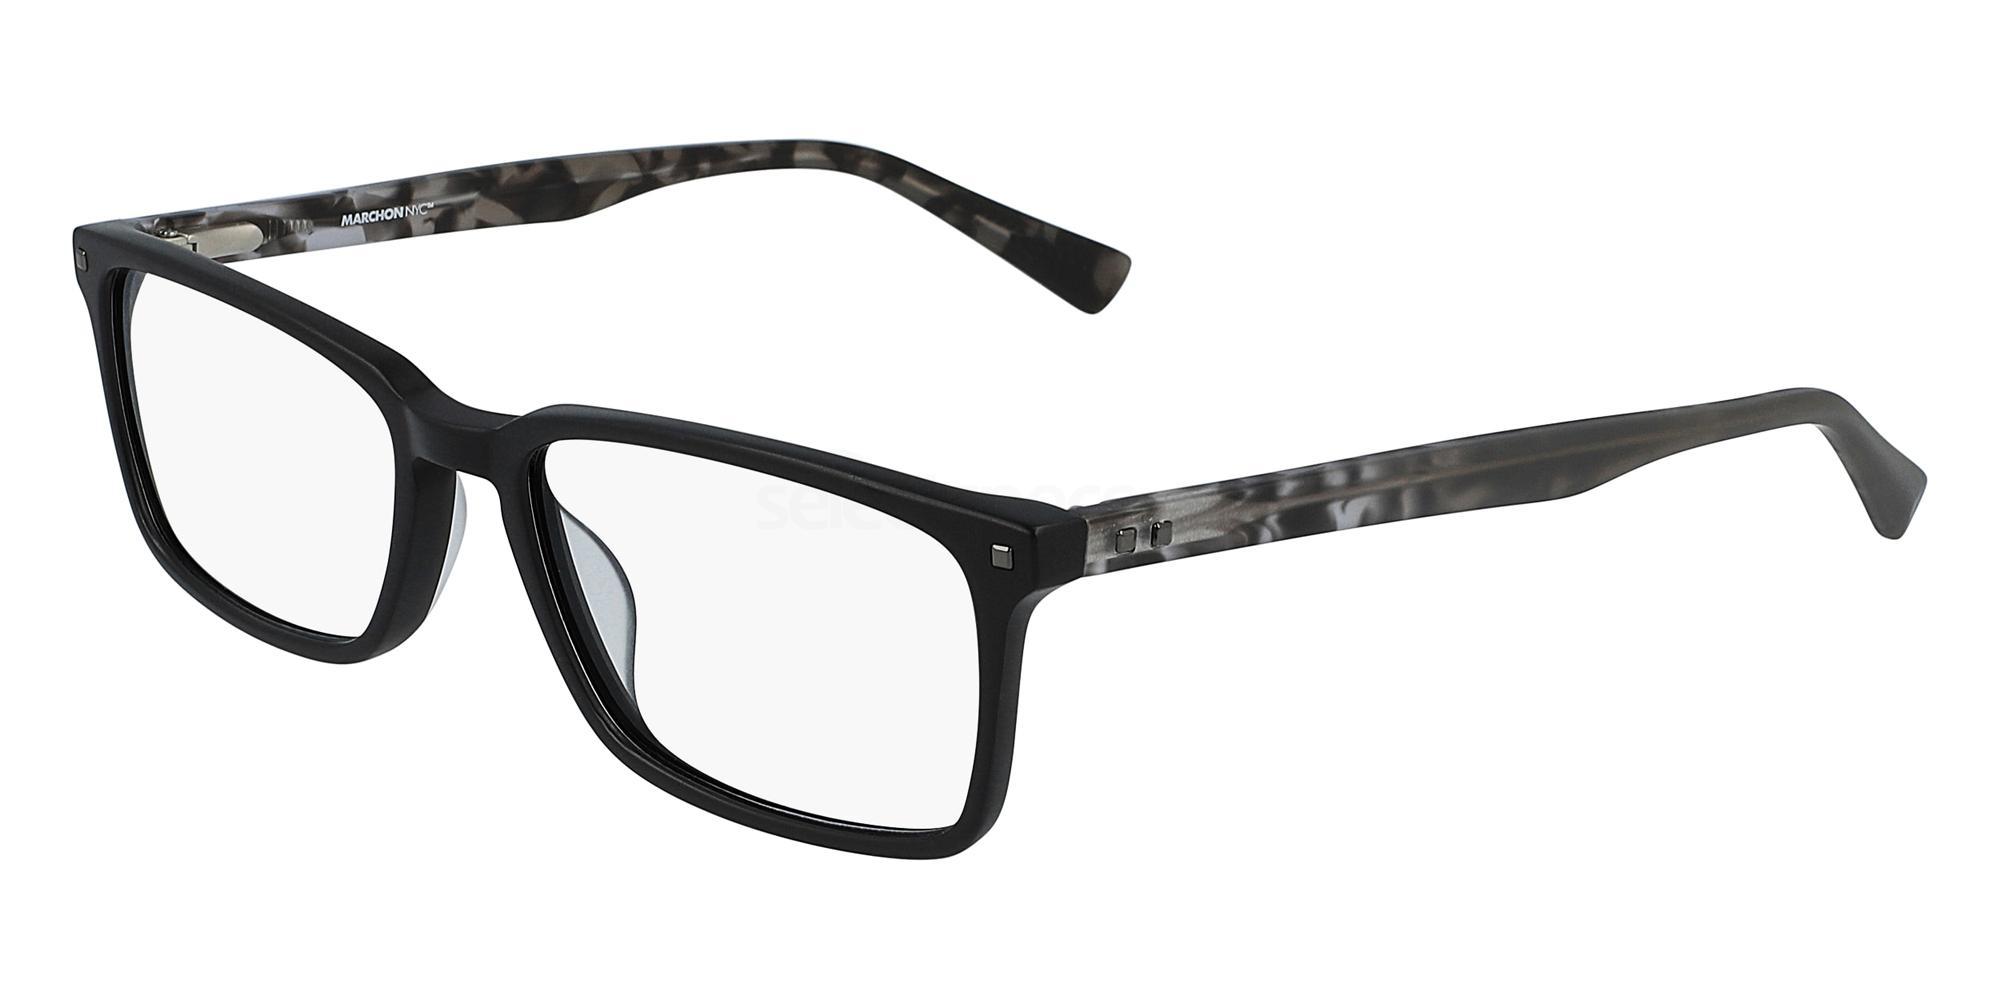 002 M-3502 Glasses, Marchon